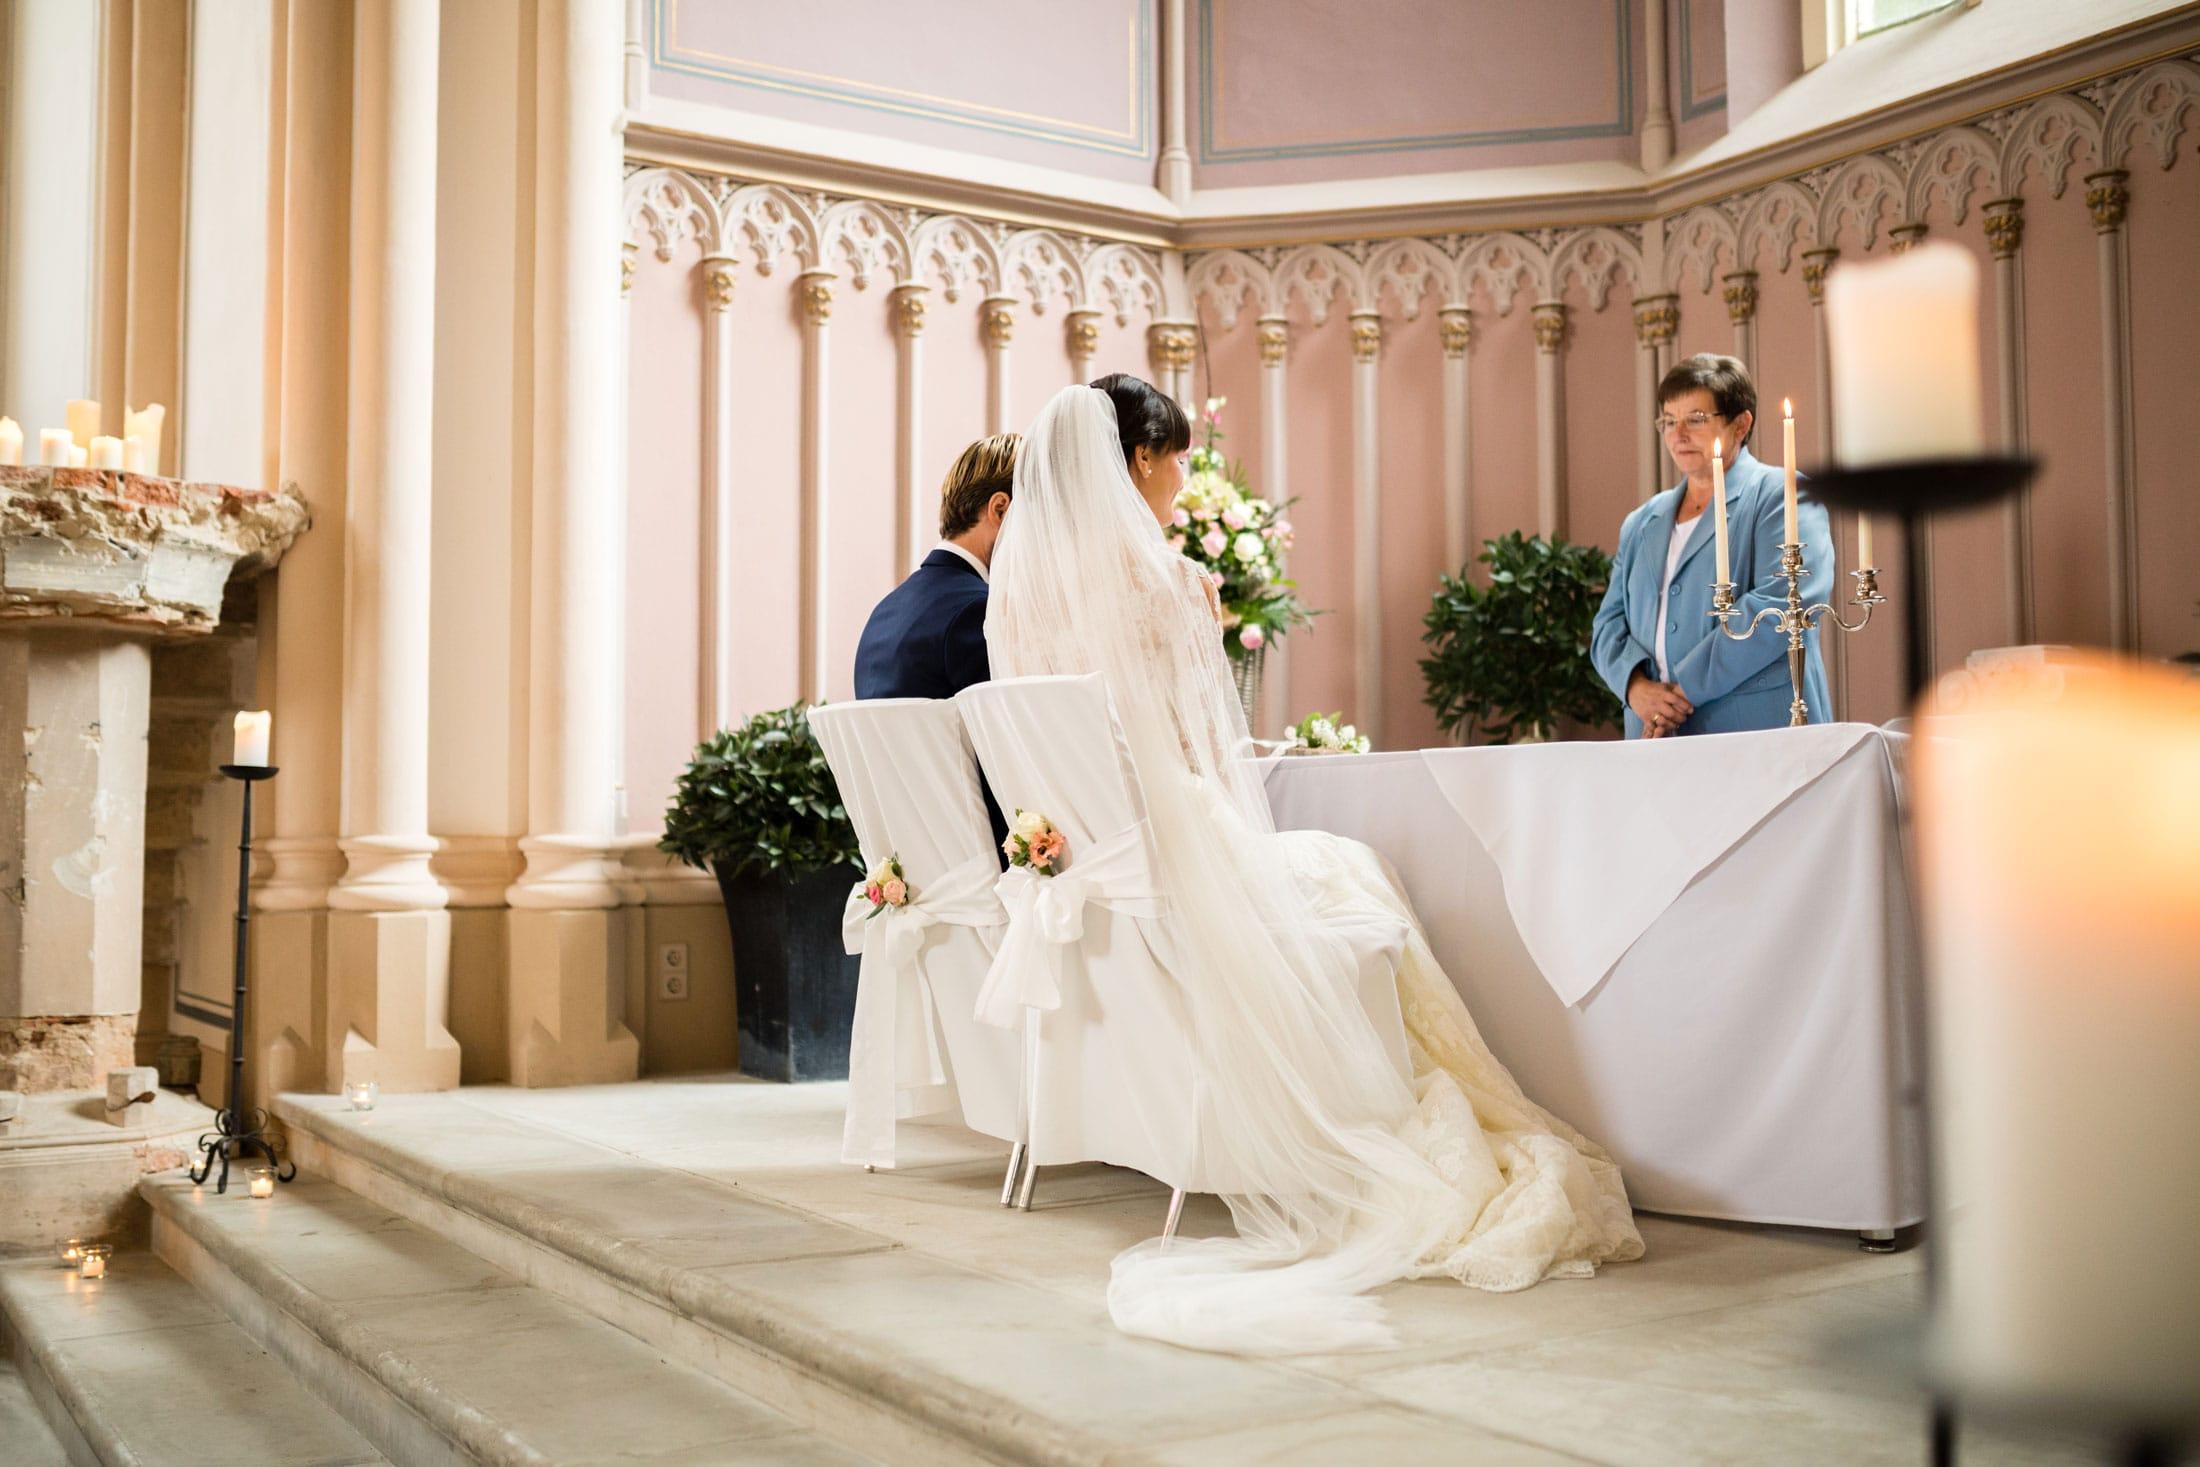 Hochzeit im Schloss Kröchlendorff bei Prenzlau Hochzeitsfotograf